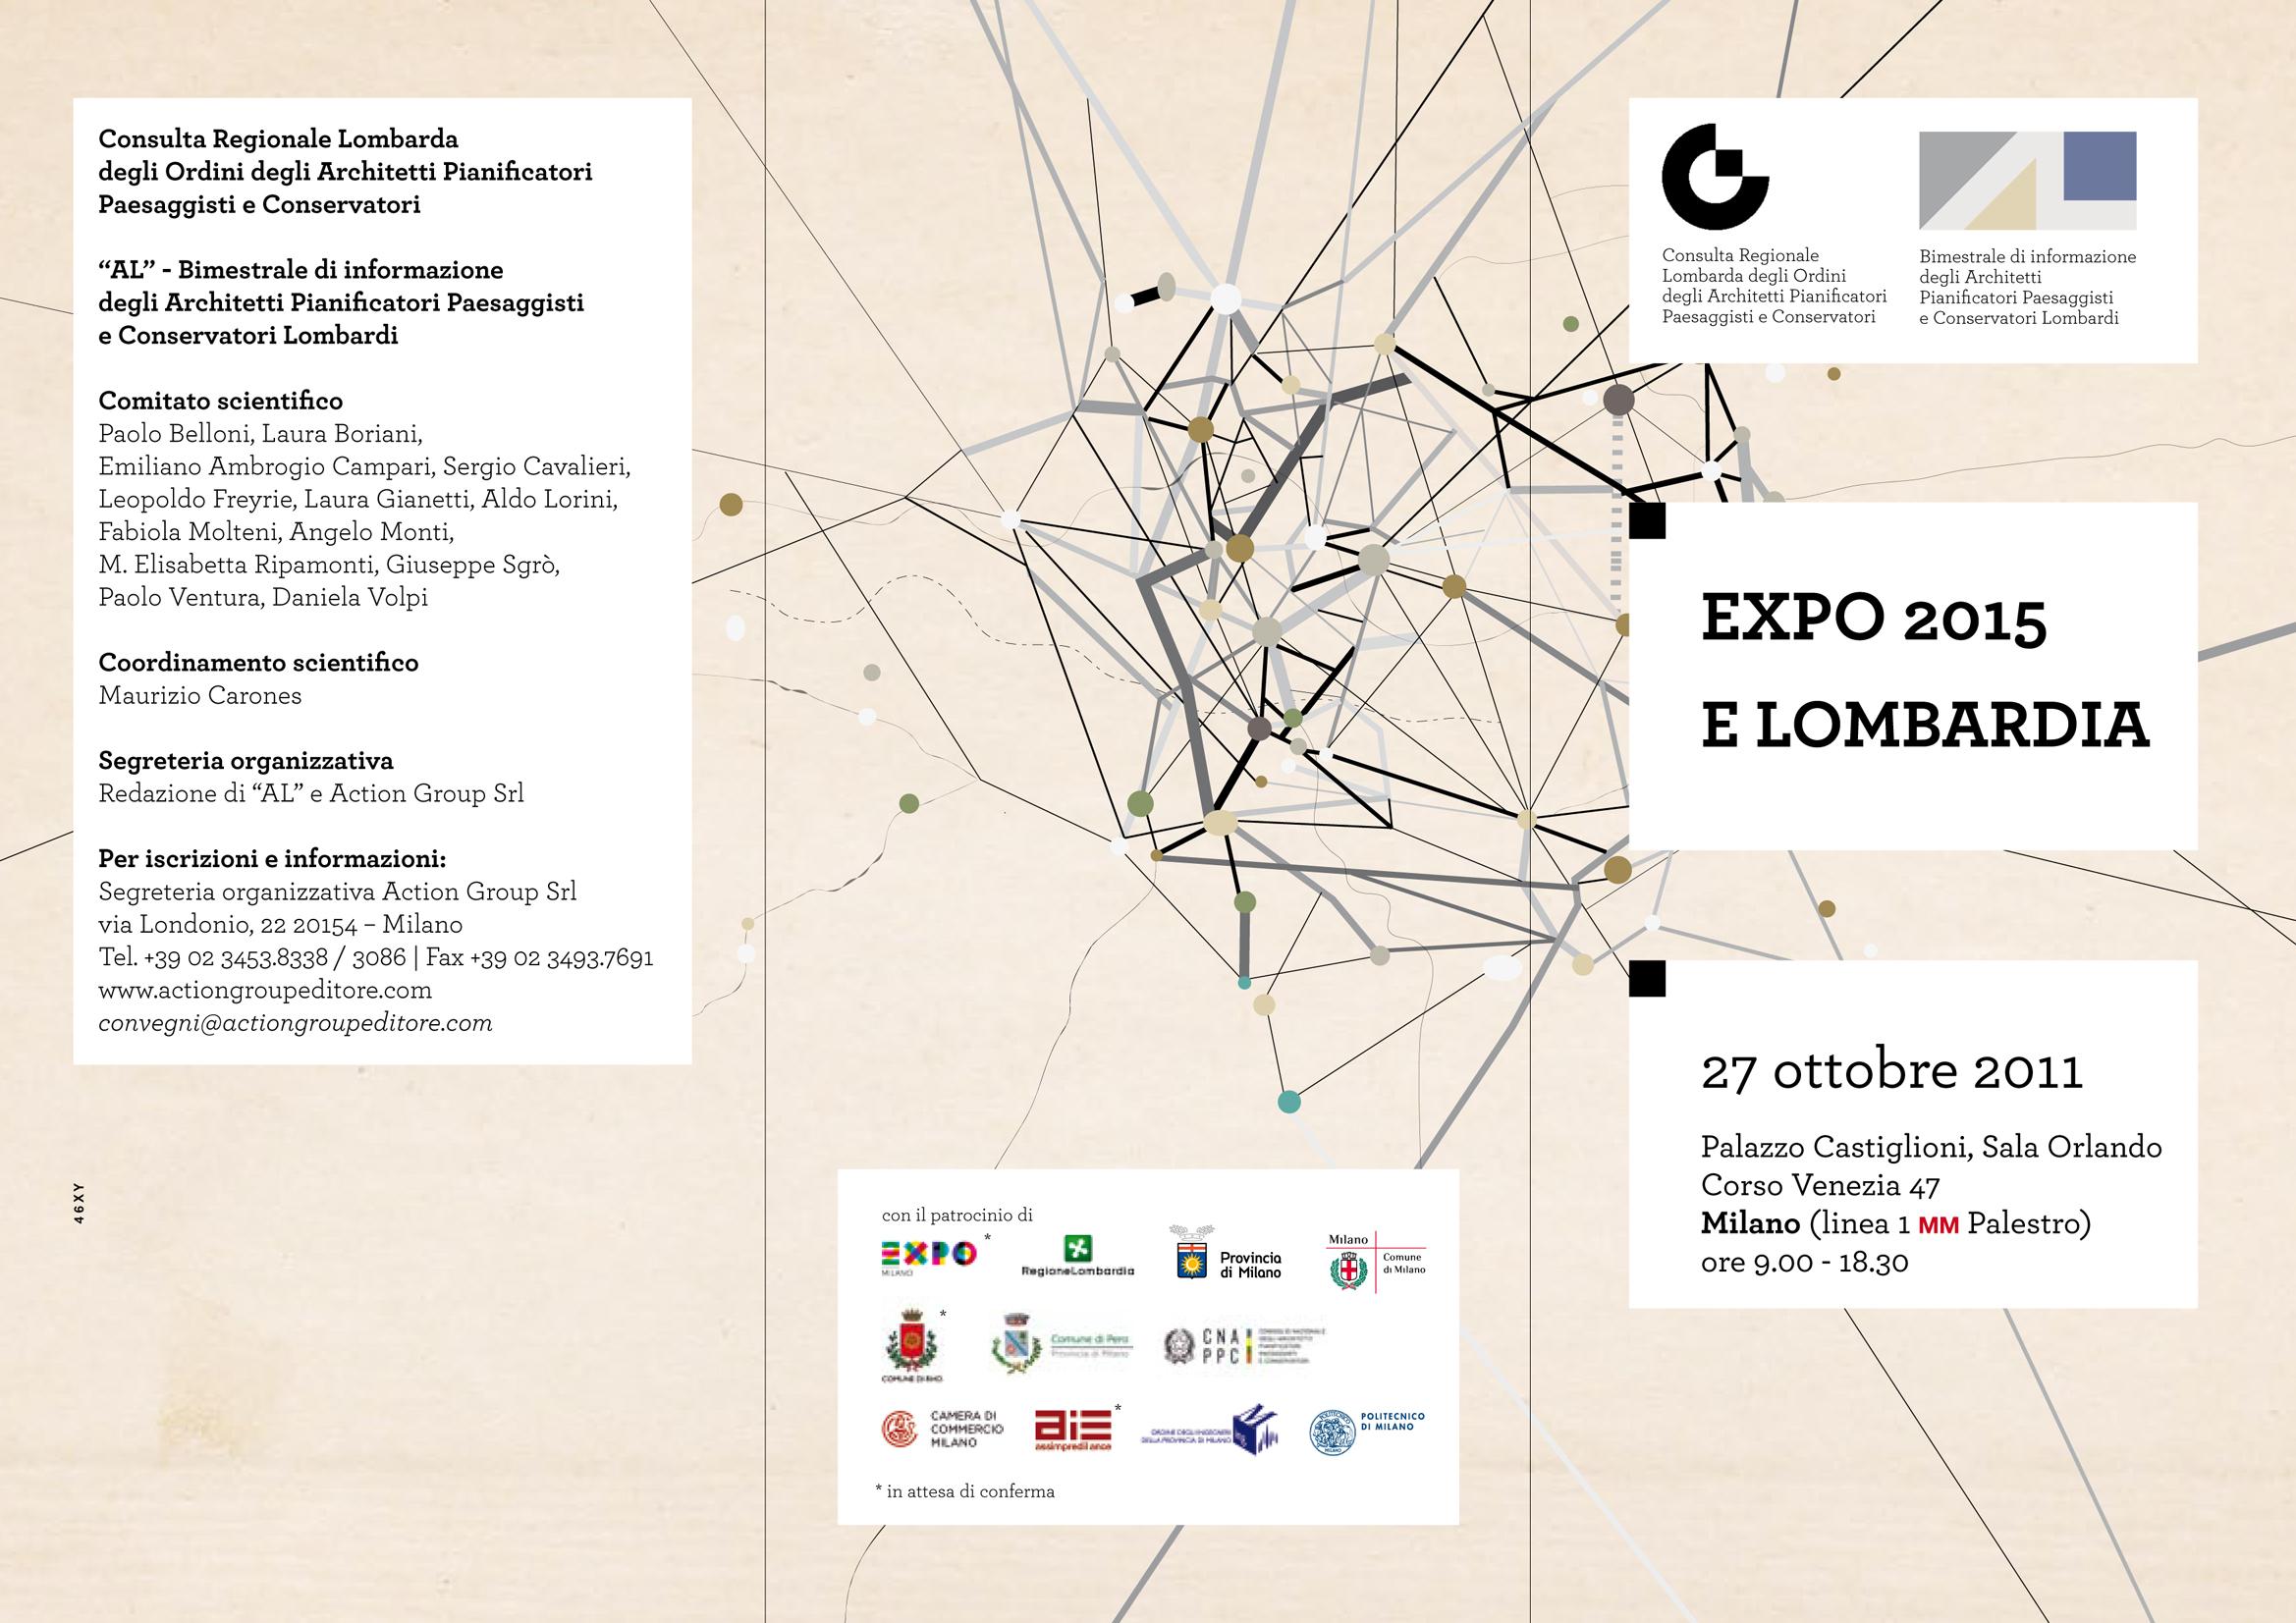 Expo 2015 e Lombardia